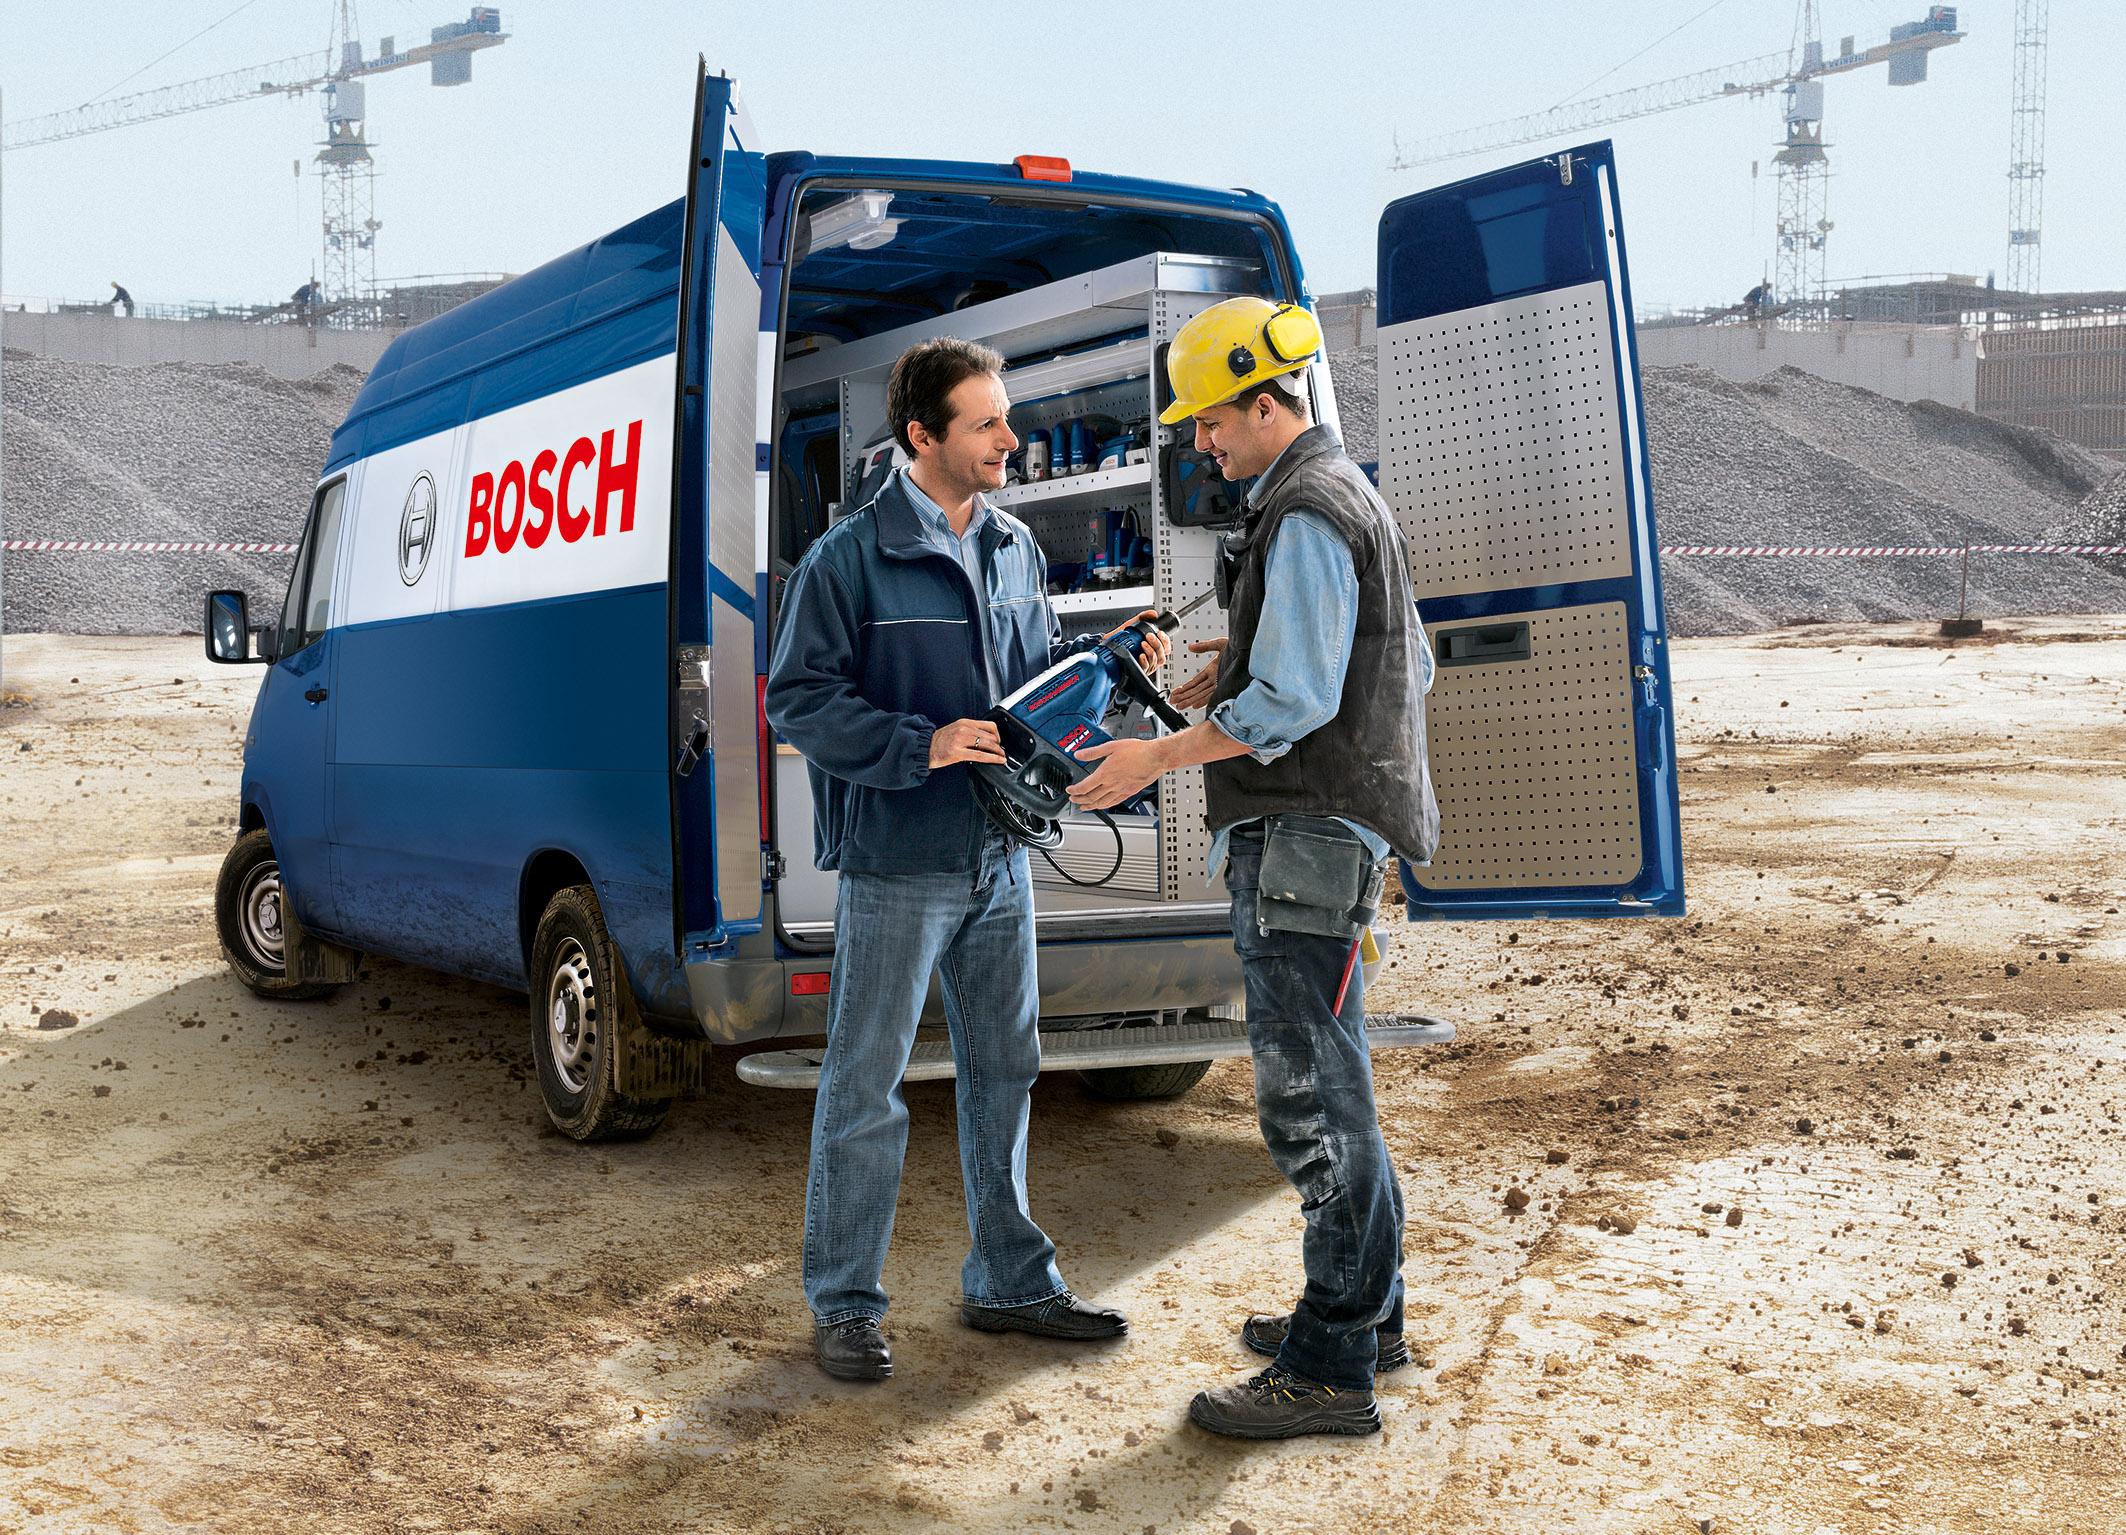 Bosch : histoire de la section outillage